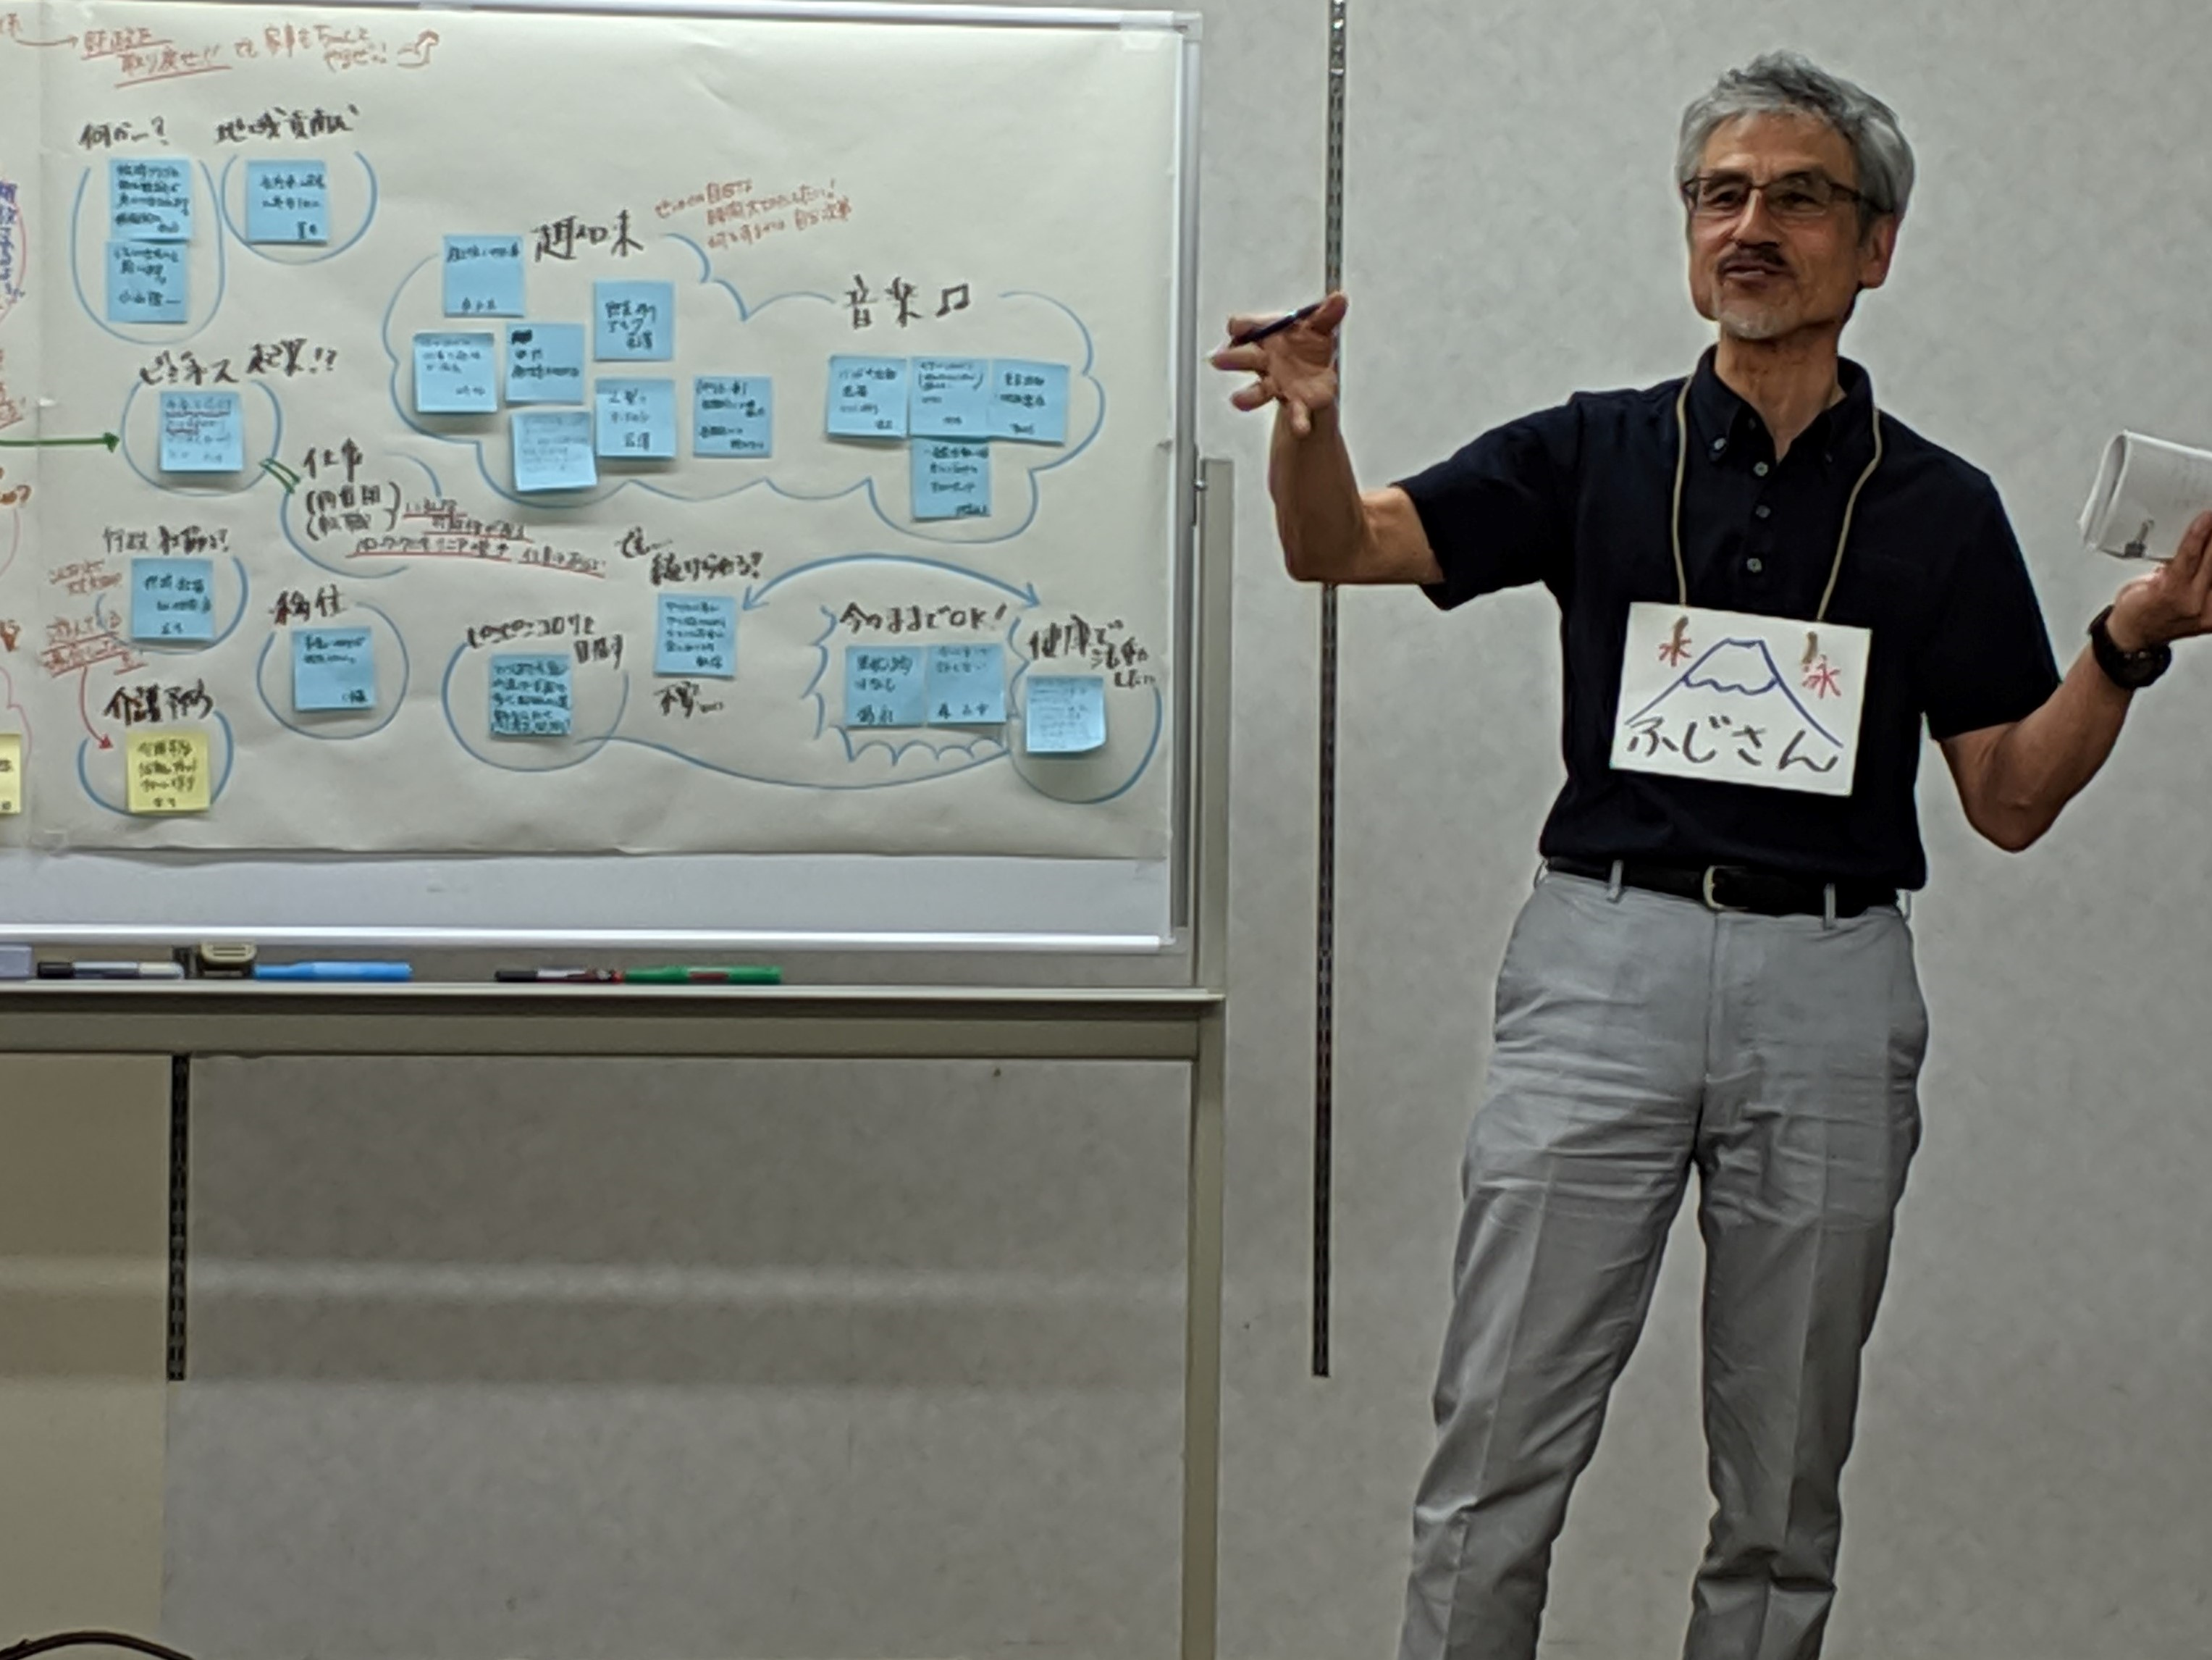 シニア地域プロデューサーが立ち上げた、男性の「サードプレイス」(長野市) の画像